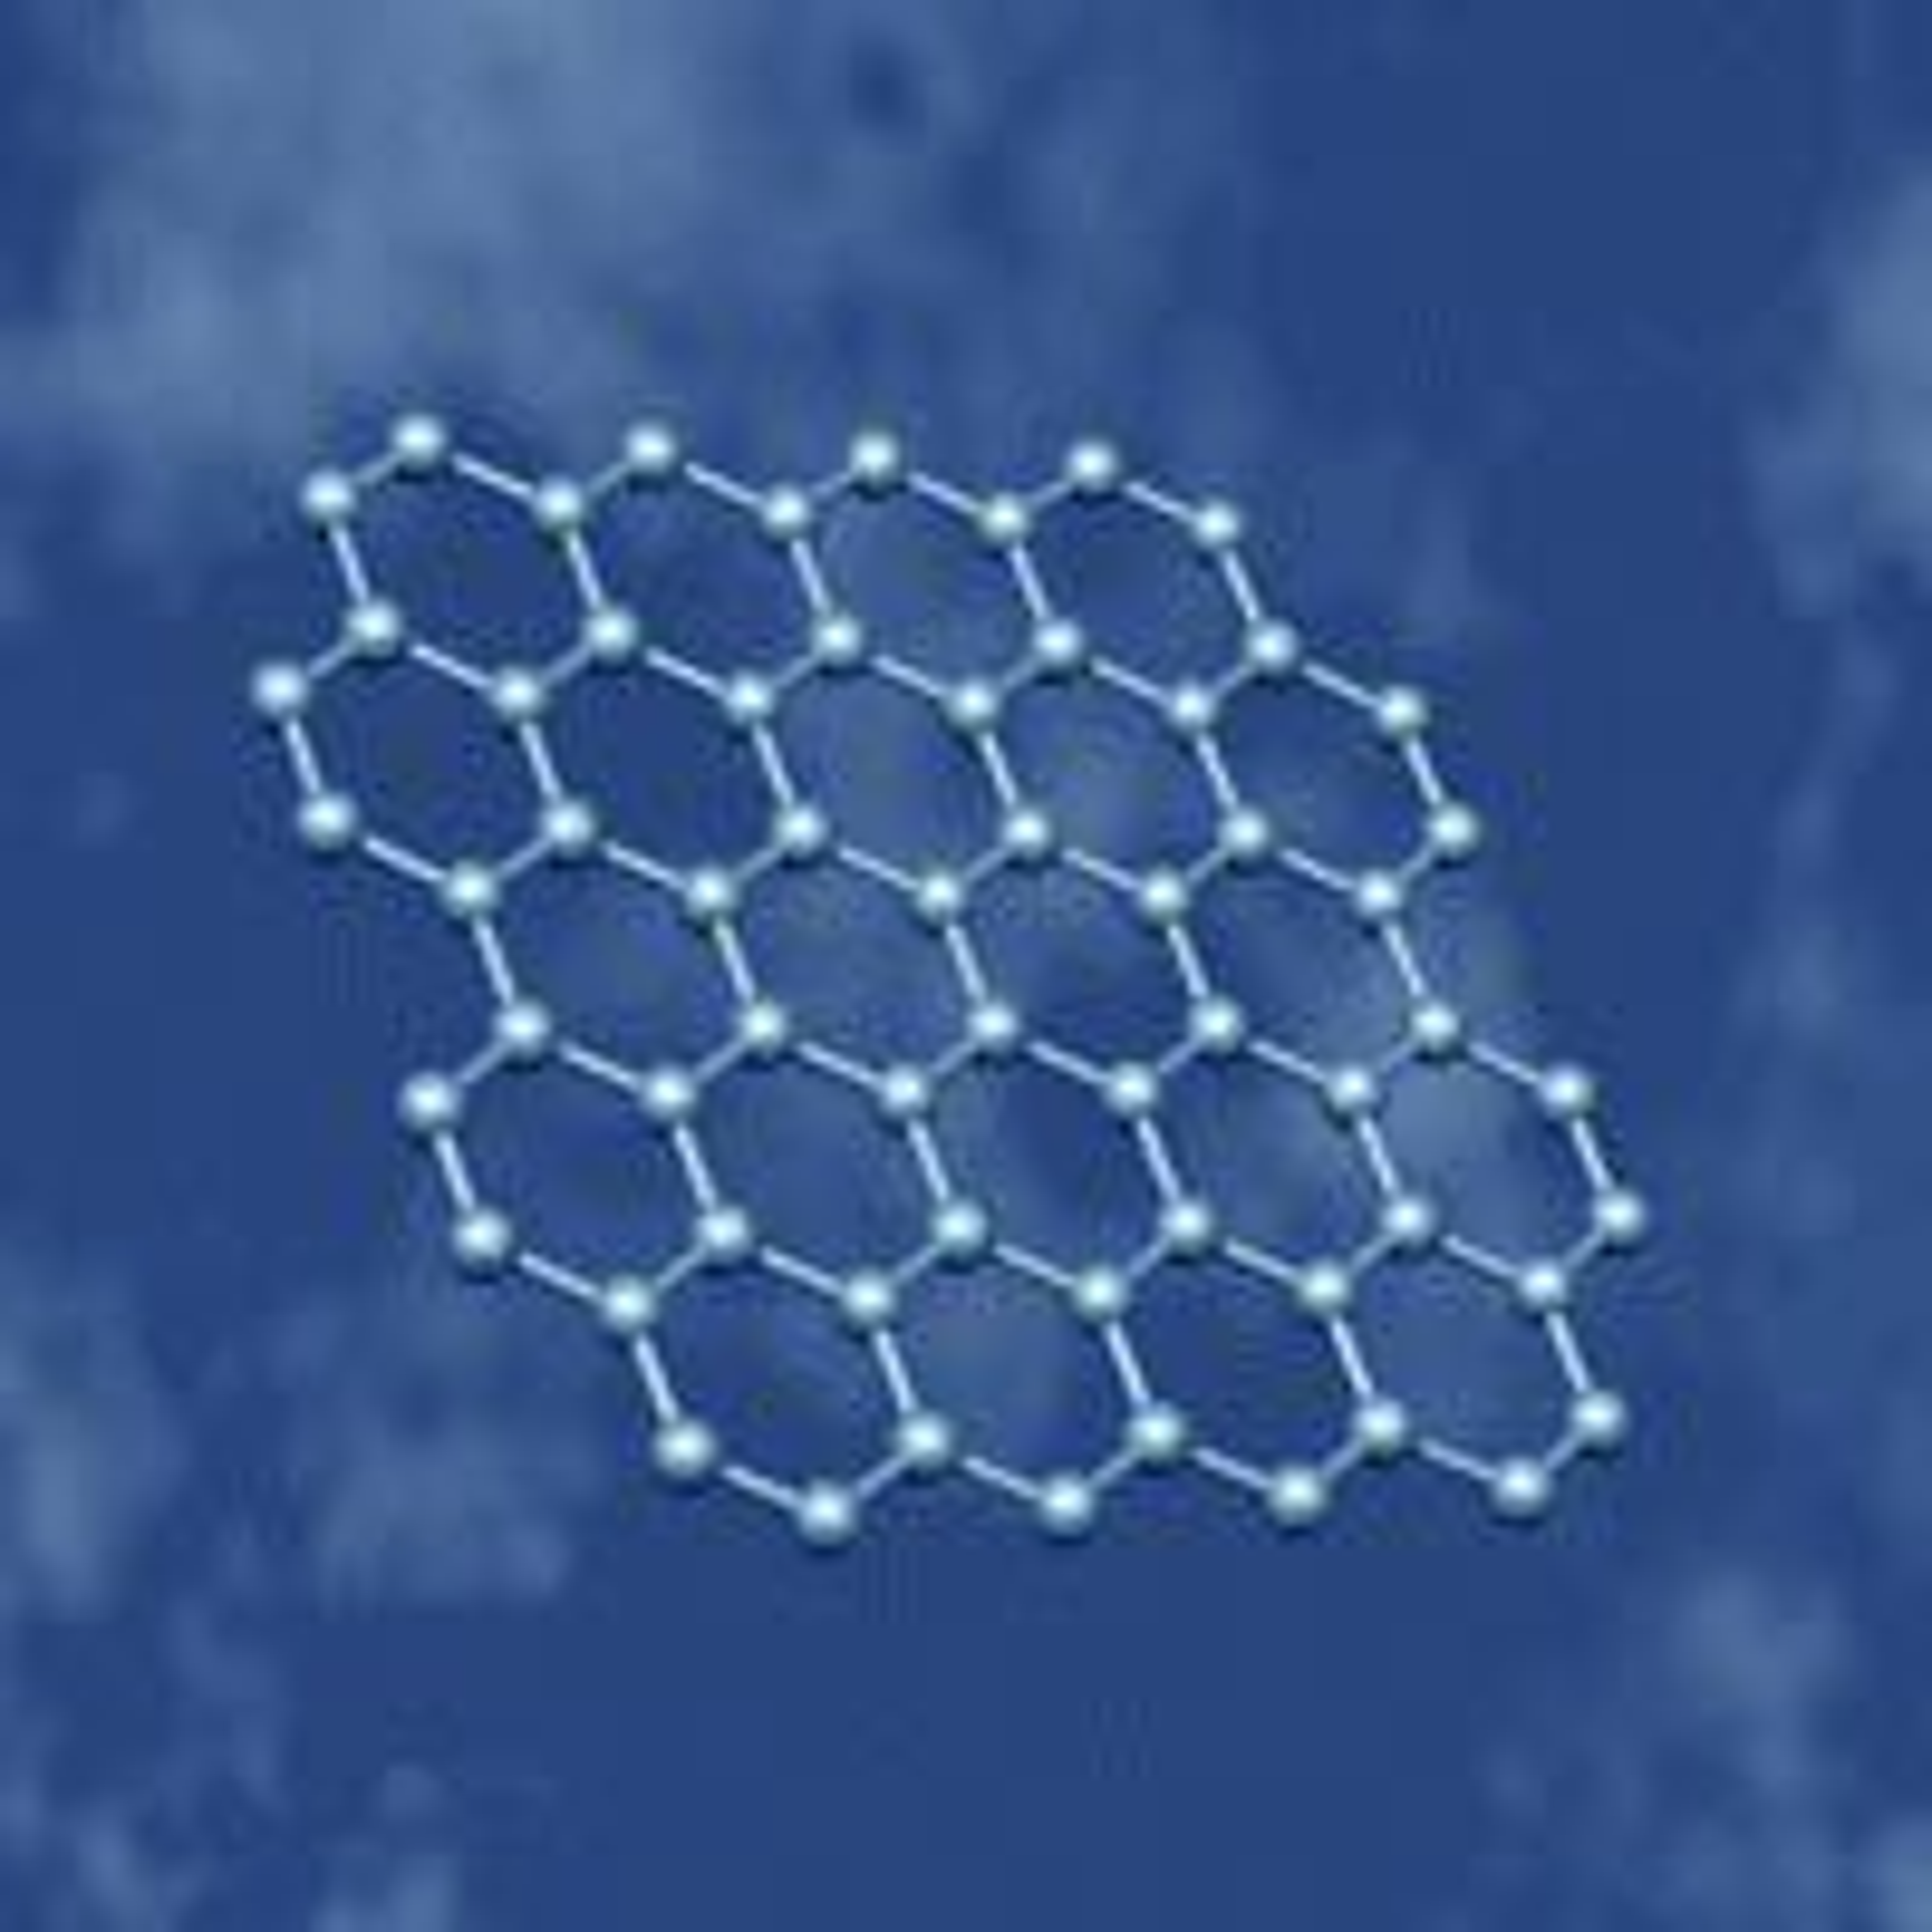 Grafen-molekylene danner et flatt, bikubelignende mønster.